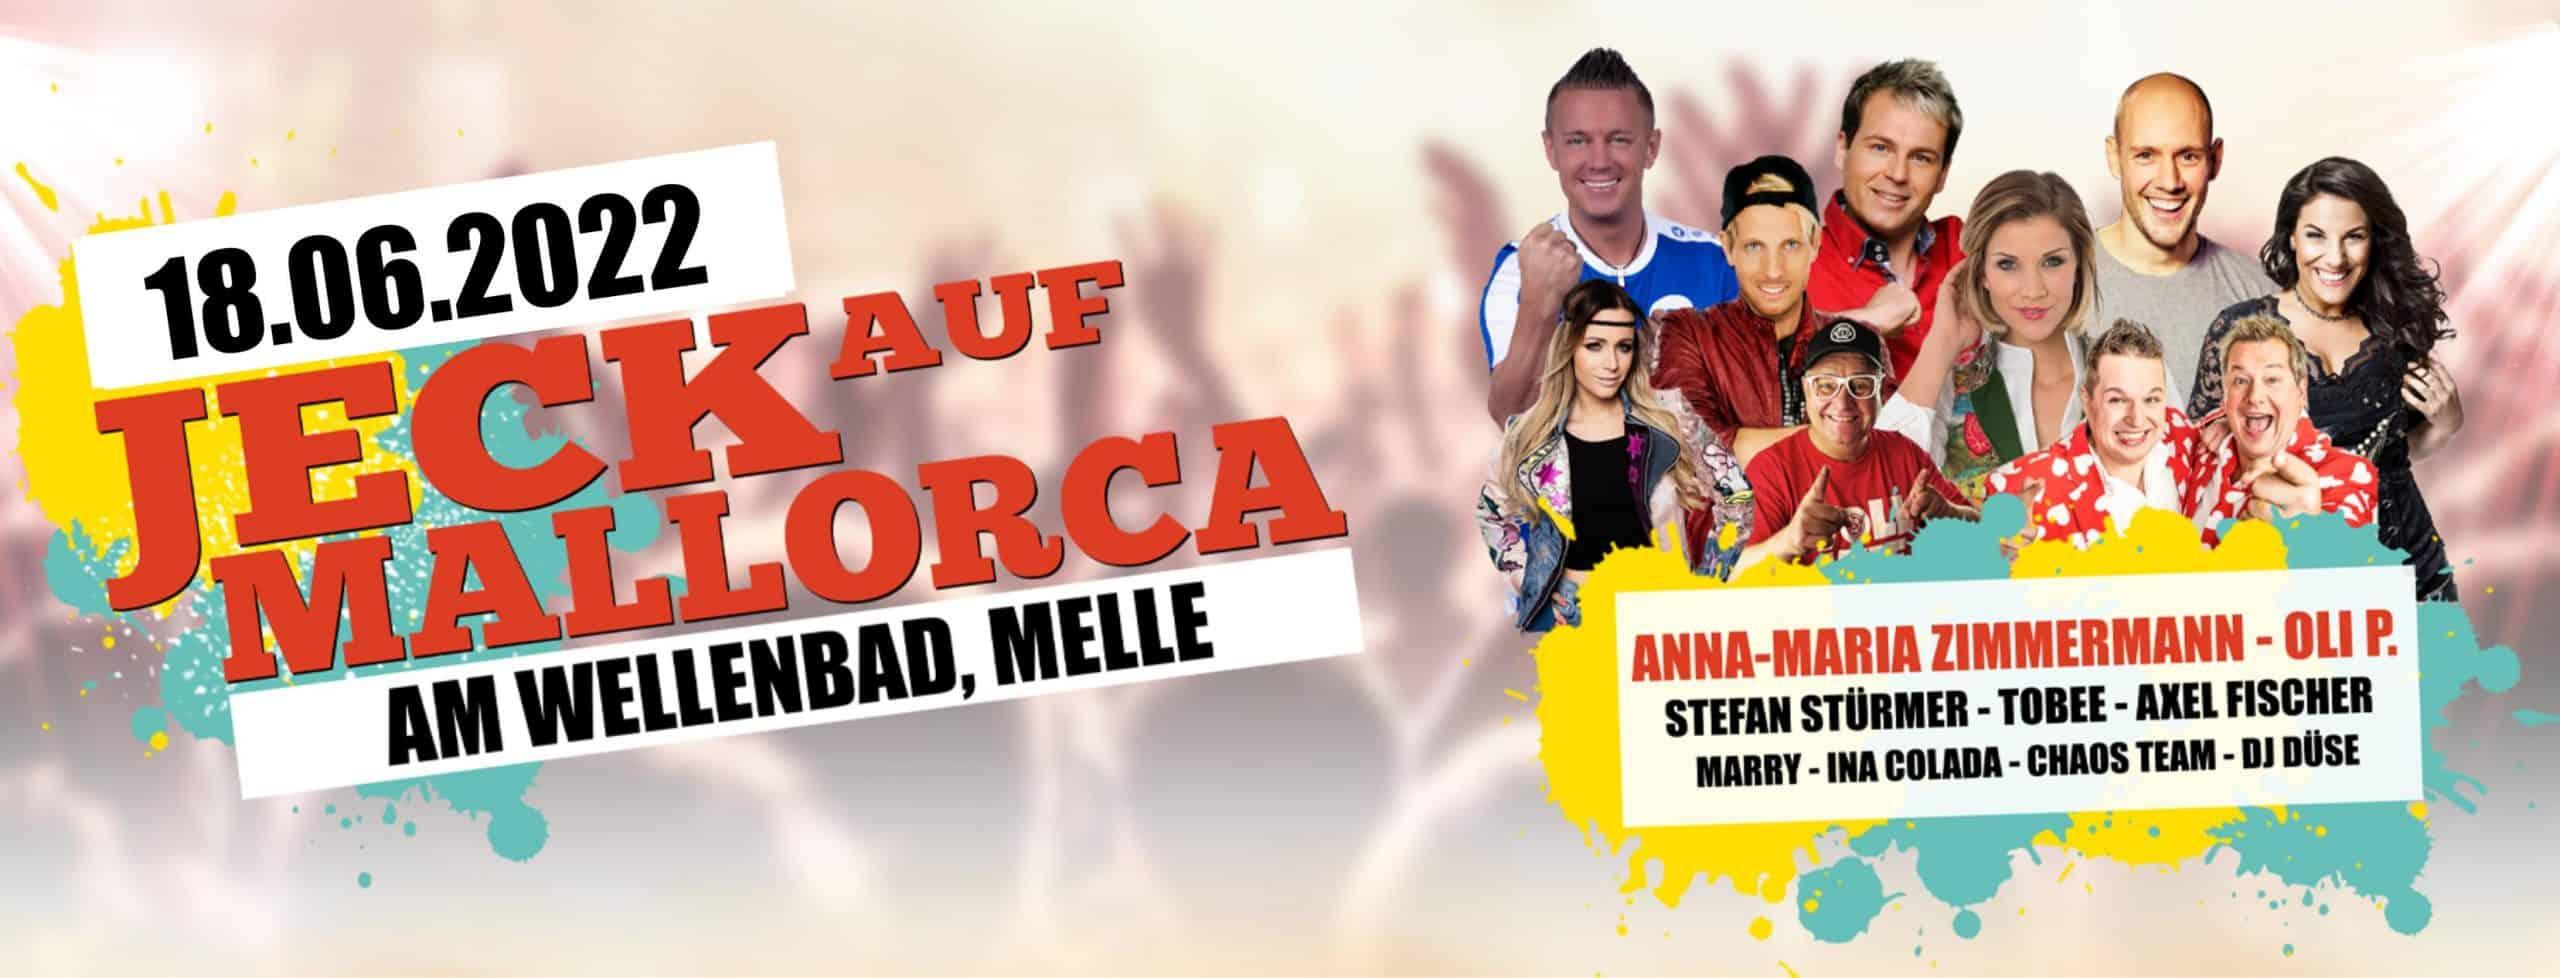 Die Event & More Rheinland UG haftungsbeschränkt bringt Euch mit JECK AUF Mallorca die Stars aus Mallorca direkt nach Melle. Am 18.06.2022 fällt der Startschuss für die Große Jeck auf Mallorca Party!